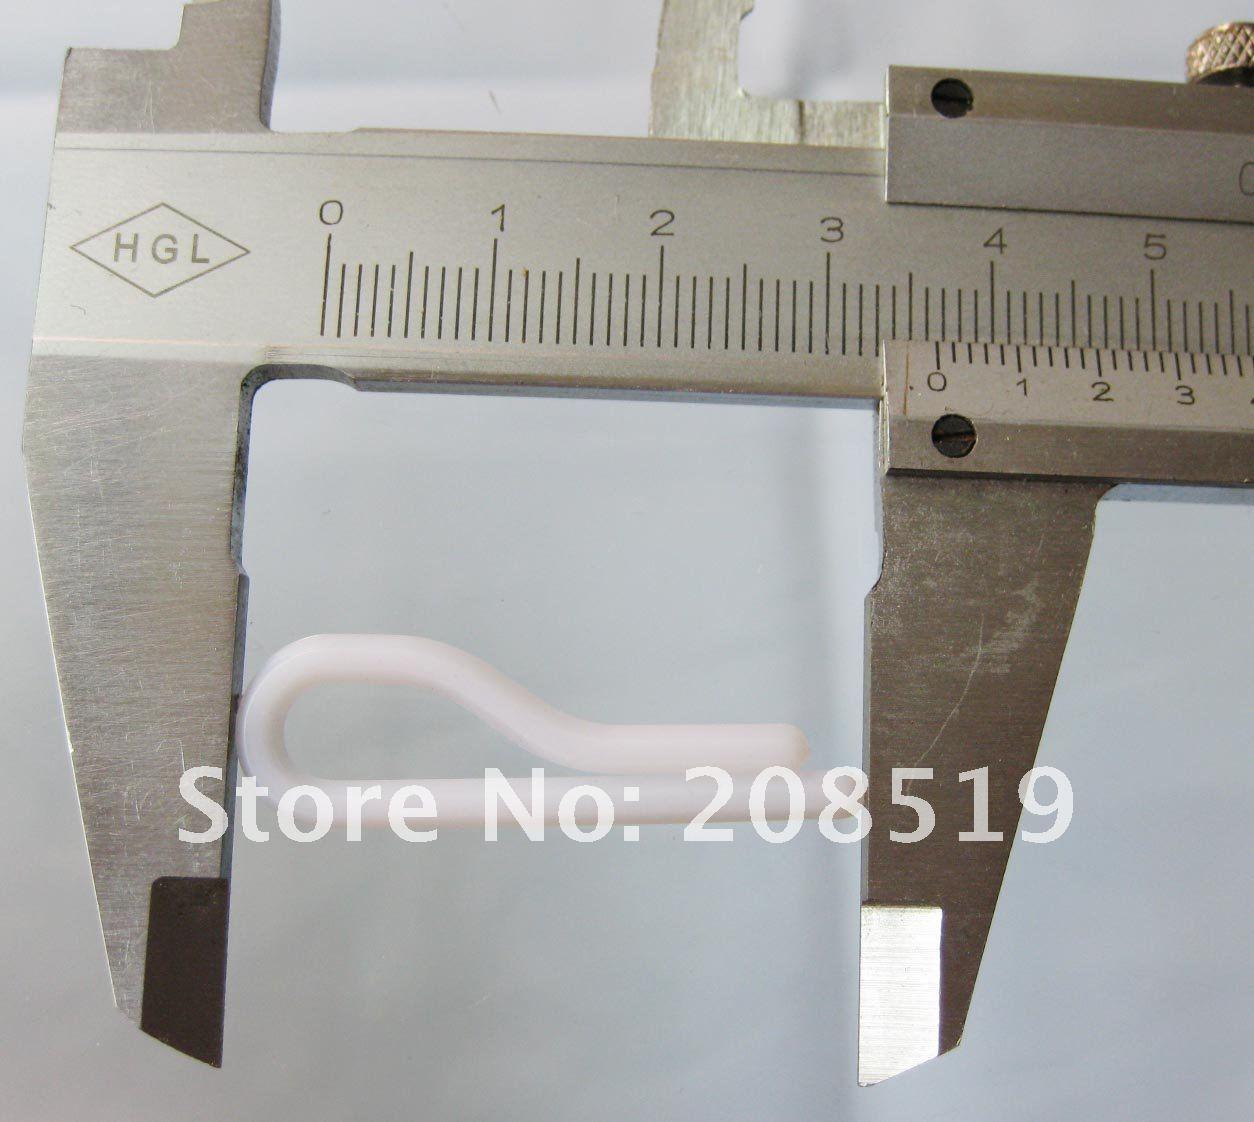 SC010 клипсы для воротника 100 шт. 36 мм белый Упаковка для костюма пластиковые зажимы